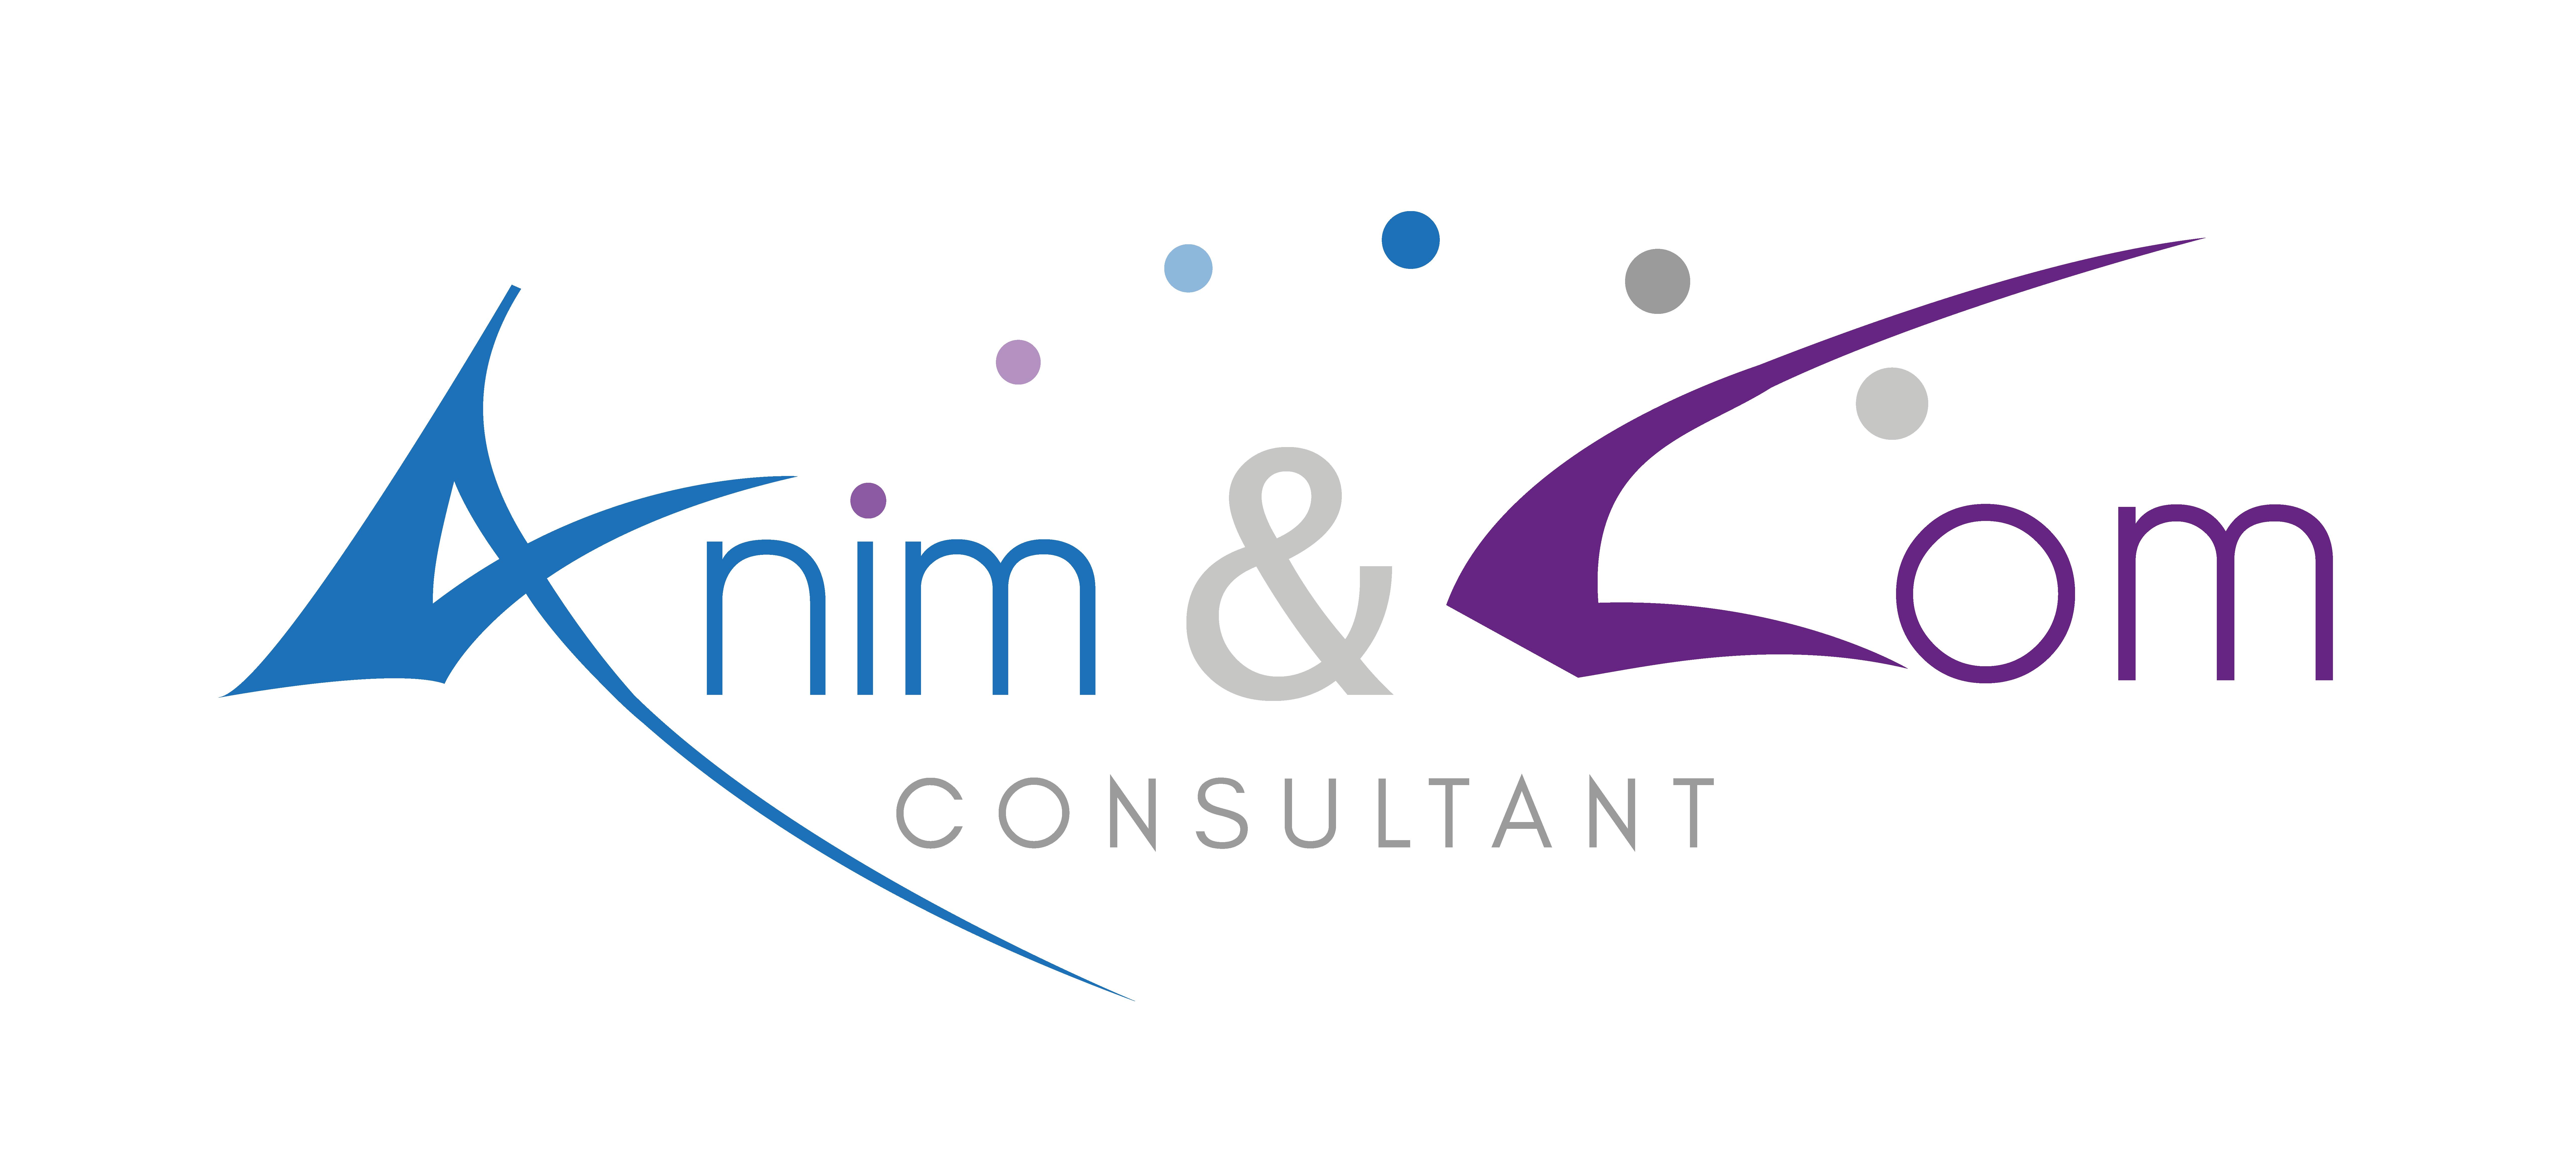 Logo Anim&Com consultant